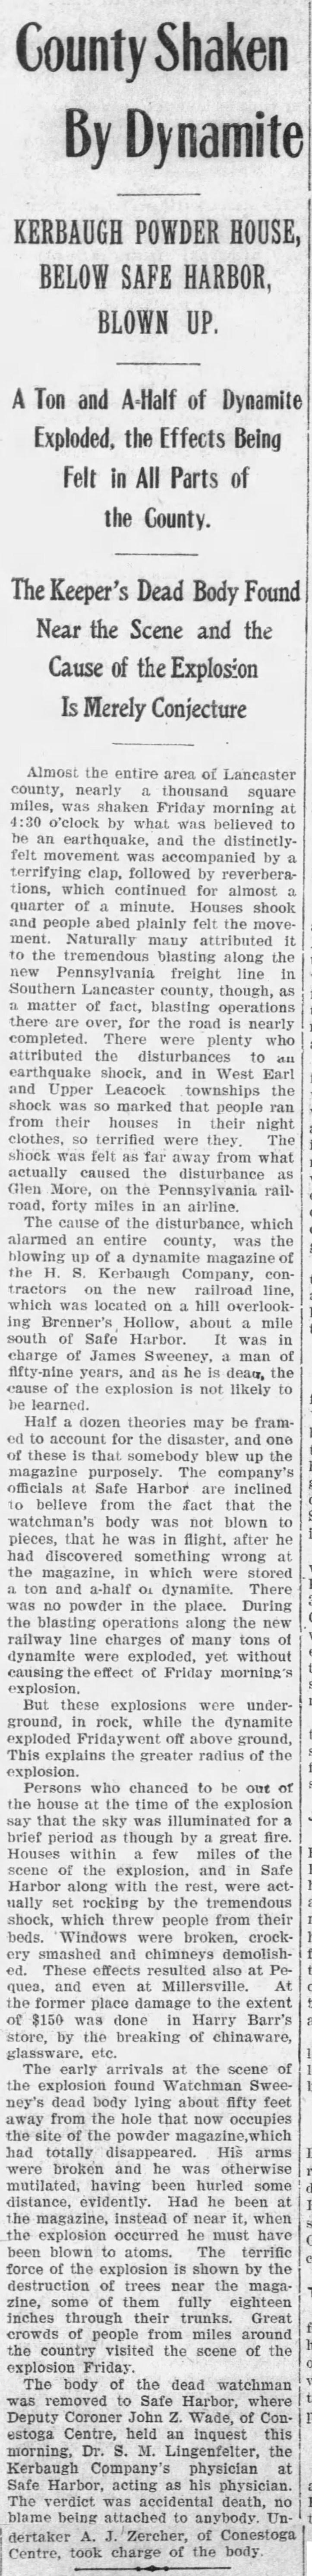 The_Semi_Weekly_New_Era_Sat__Mar_3__1906_article.jpg